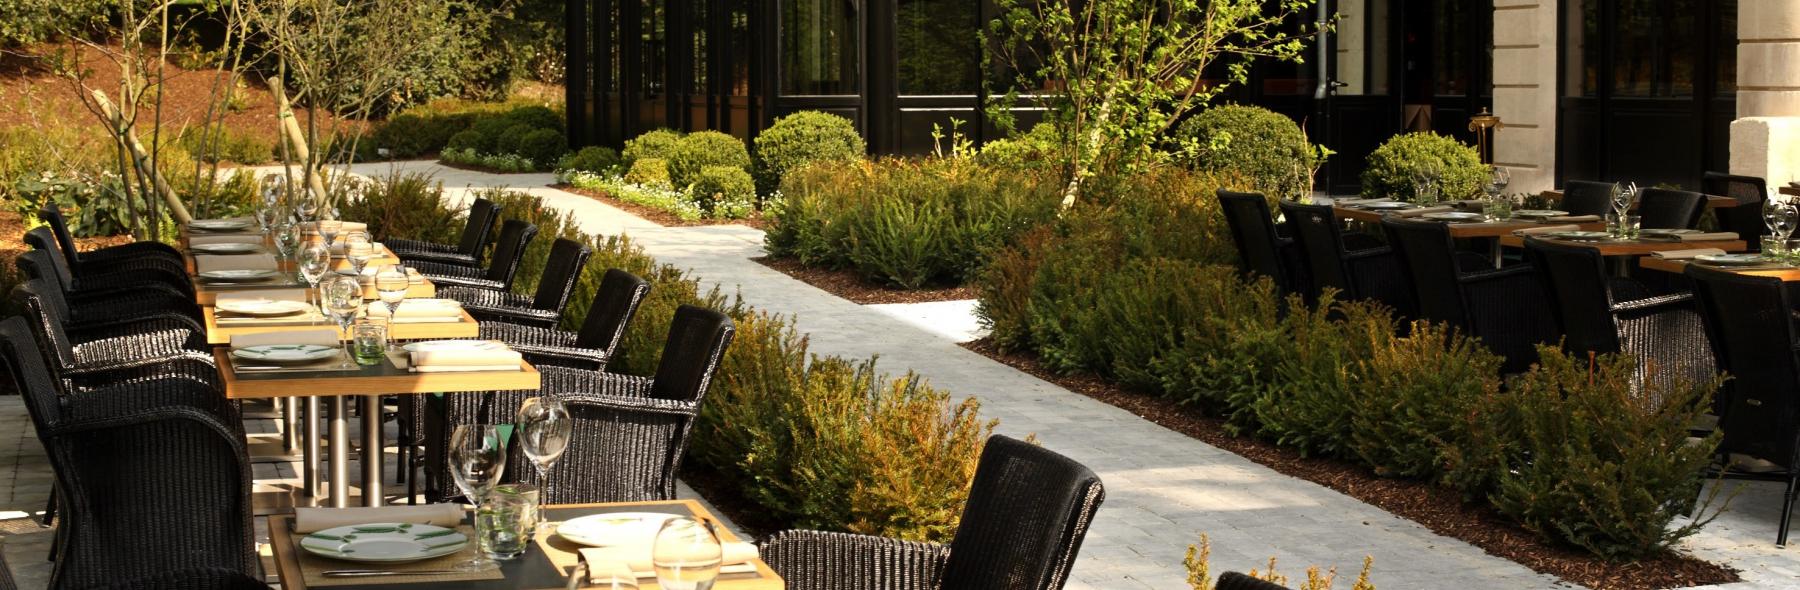 Domaine les cray res les restaurants images 14 septembre for Brasserie le jardin